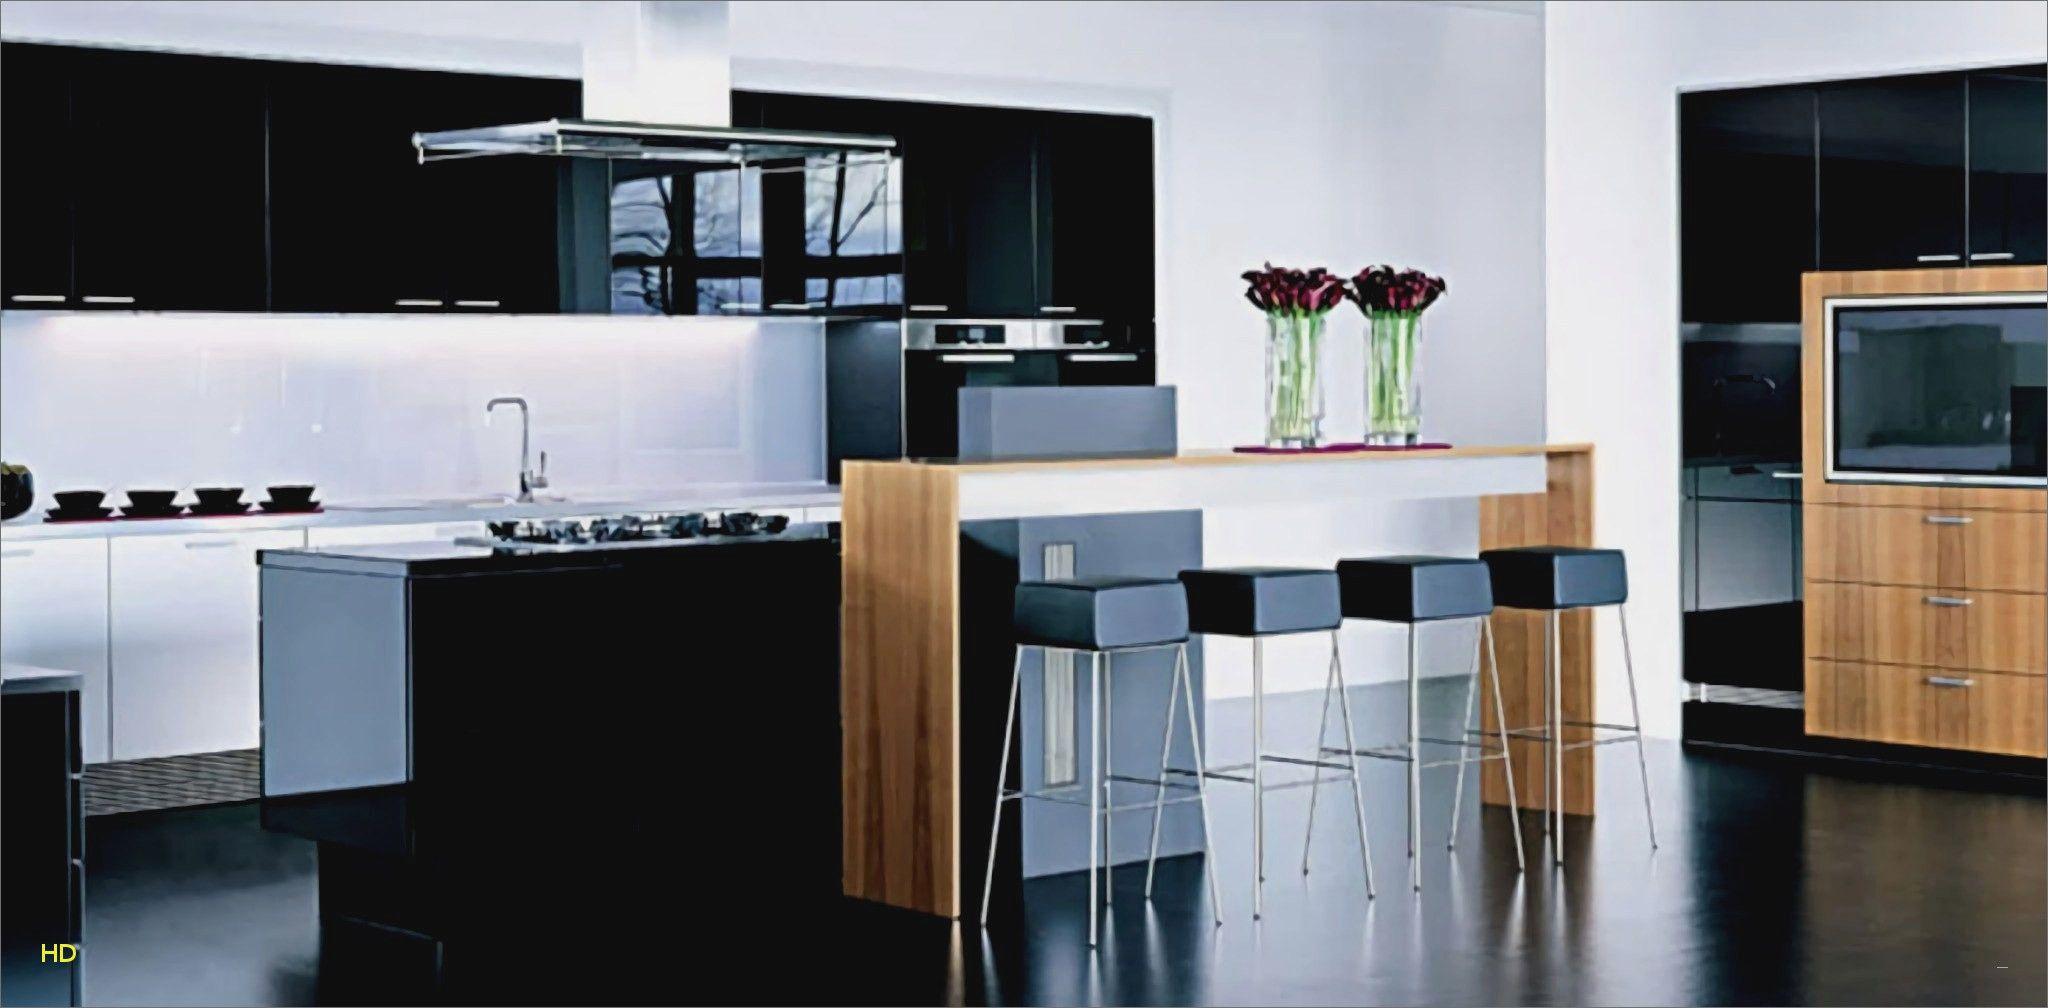 44 Luxus Einbauküche Teile System kitchen, Kitchen, Ikea